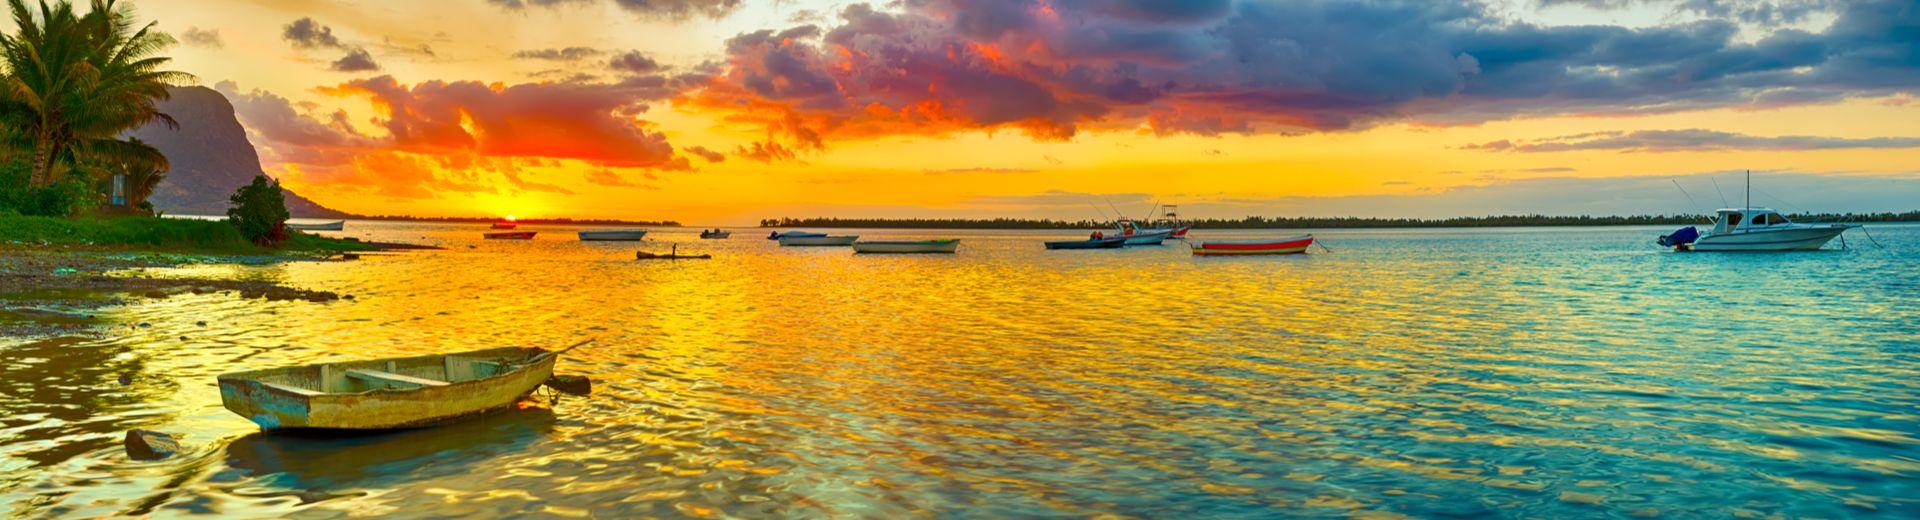 AIDAblu: Kreuzfahrt durch den Indischen Ozean